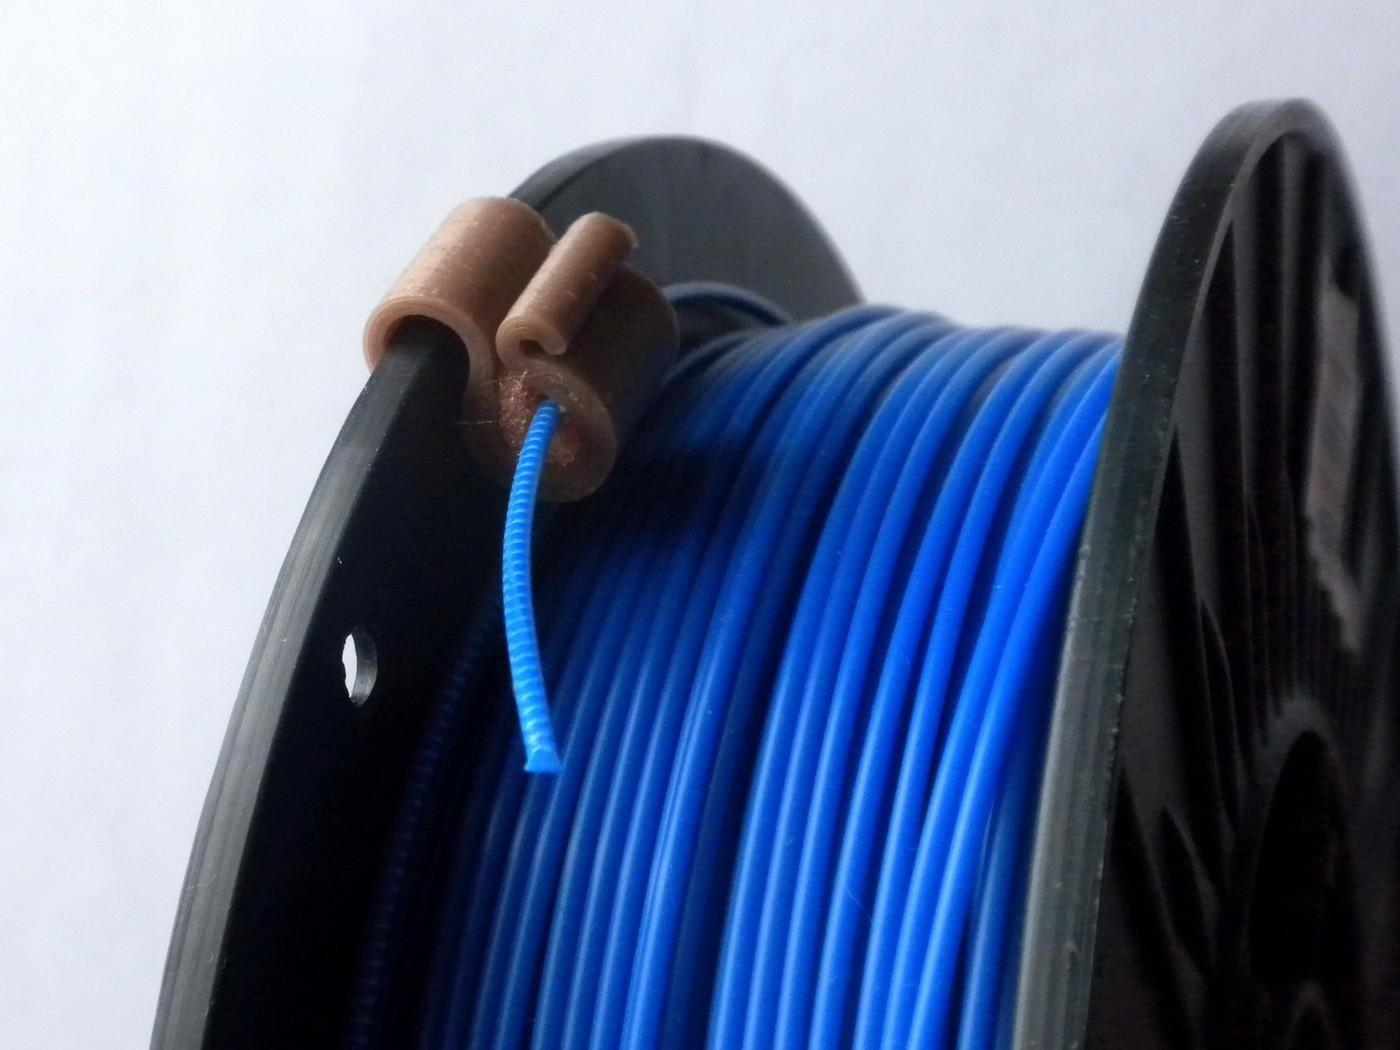 L03015-KlipFN1.JPG Télécharger fichier STL gratuit Clip filament 1,75 ... 3,0 mm avec filtre • Plan pour imprimante 3D, 3DLadnik